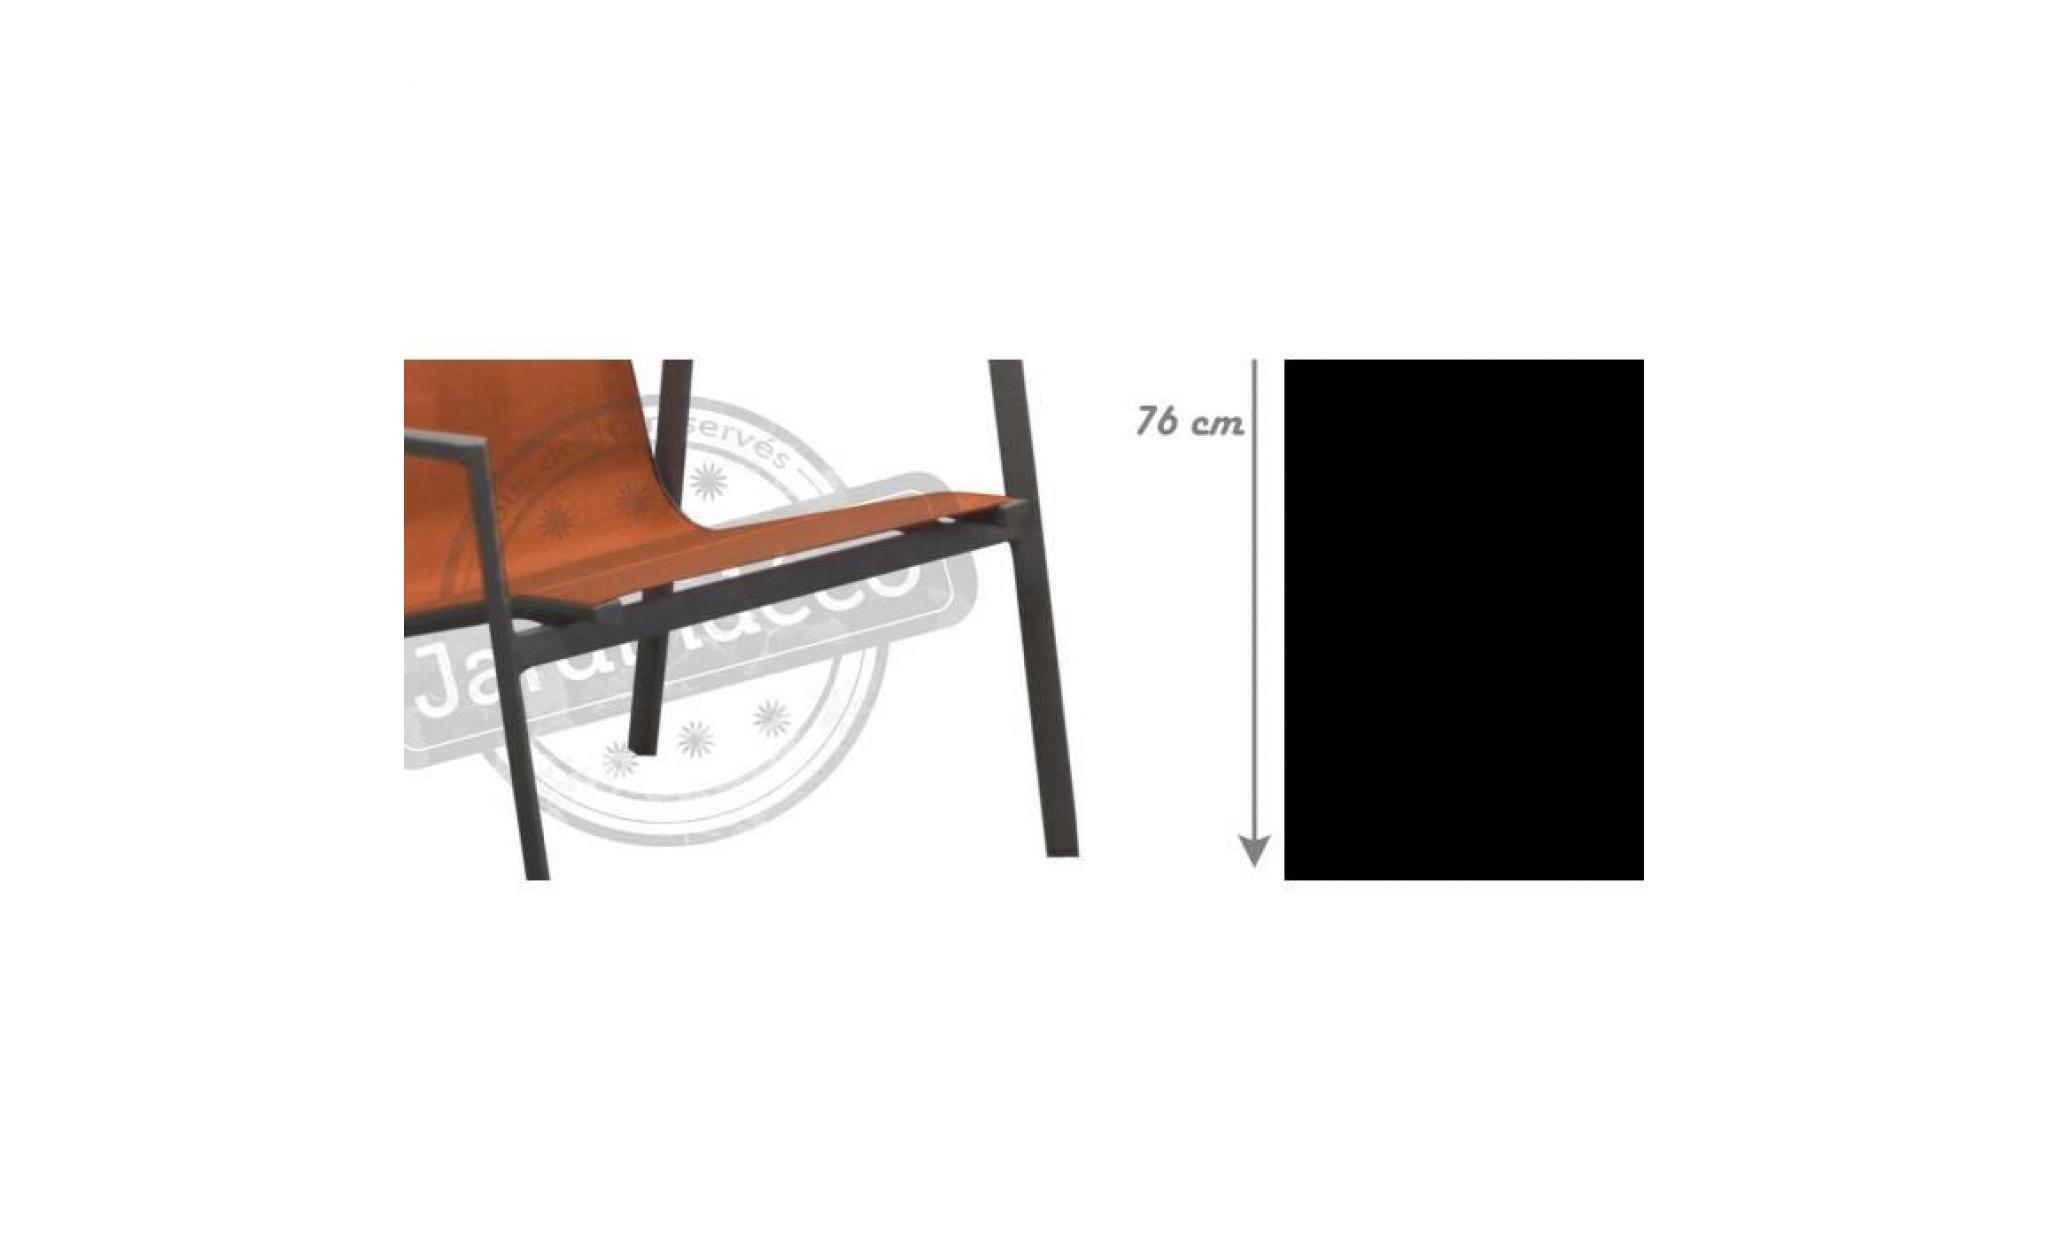 Chaises Mobilier De Jardin Mobilier De Jardin Proloisirs ... serapportantà Table De Jardin Aluminium Et Composite